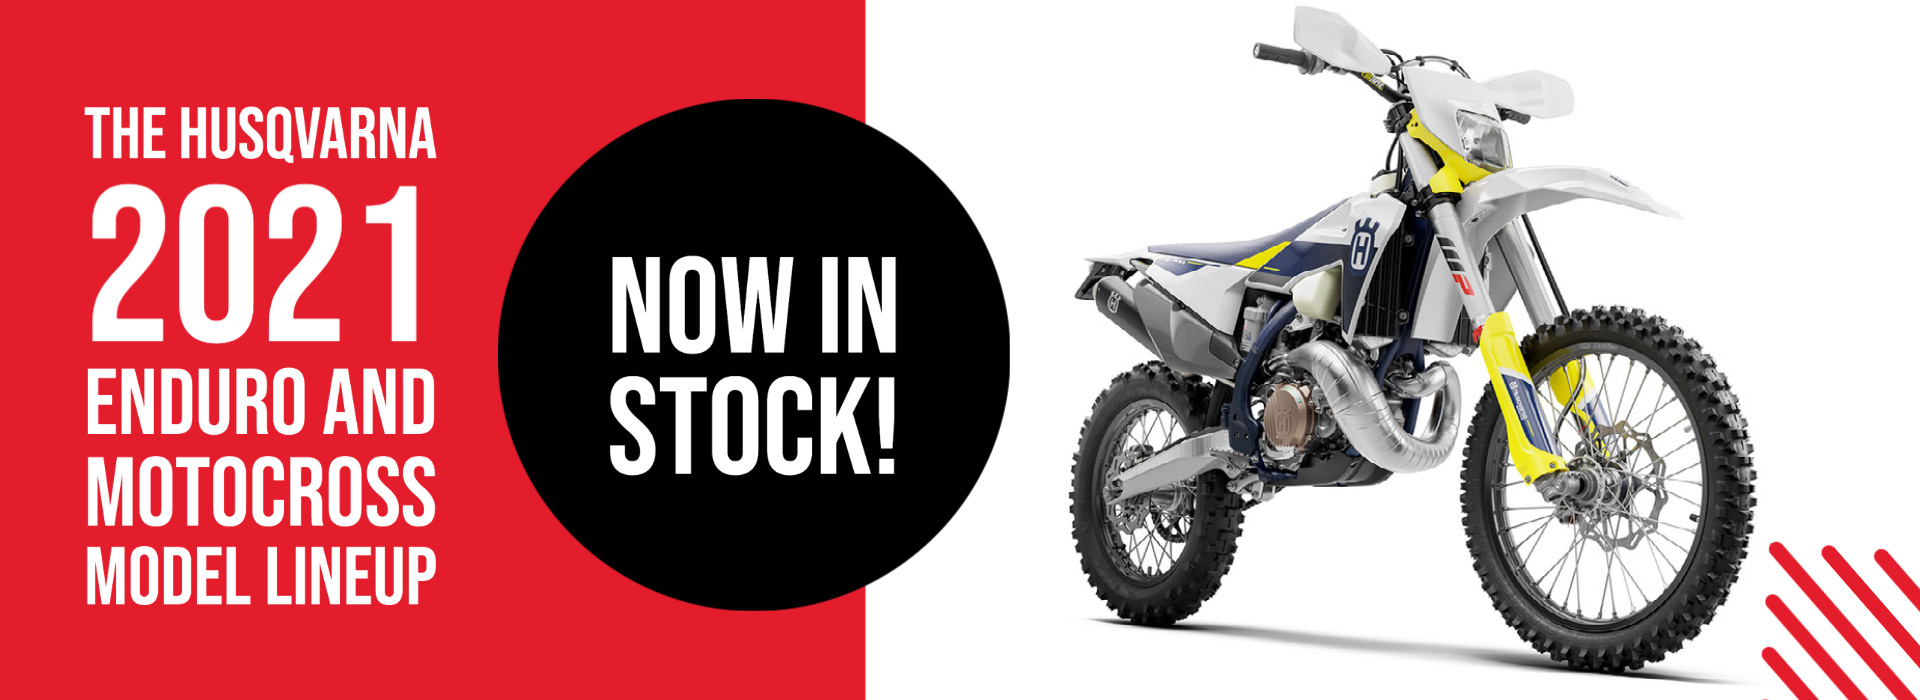 Husqvarna Motorcycles in stock